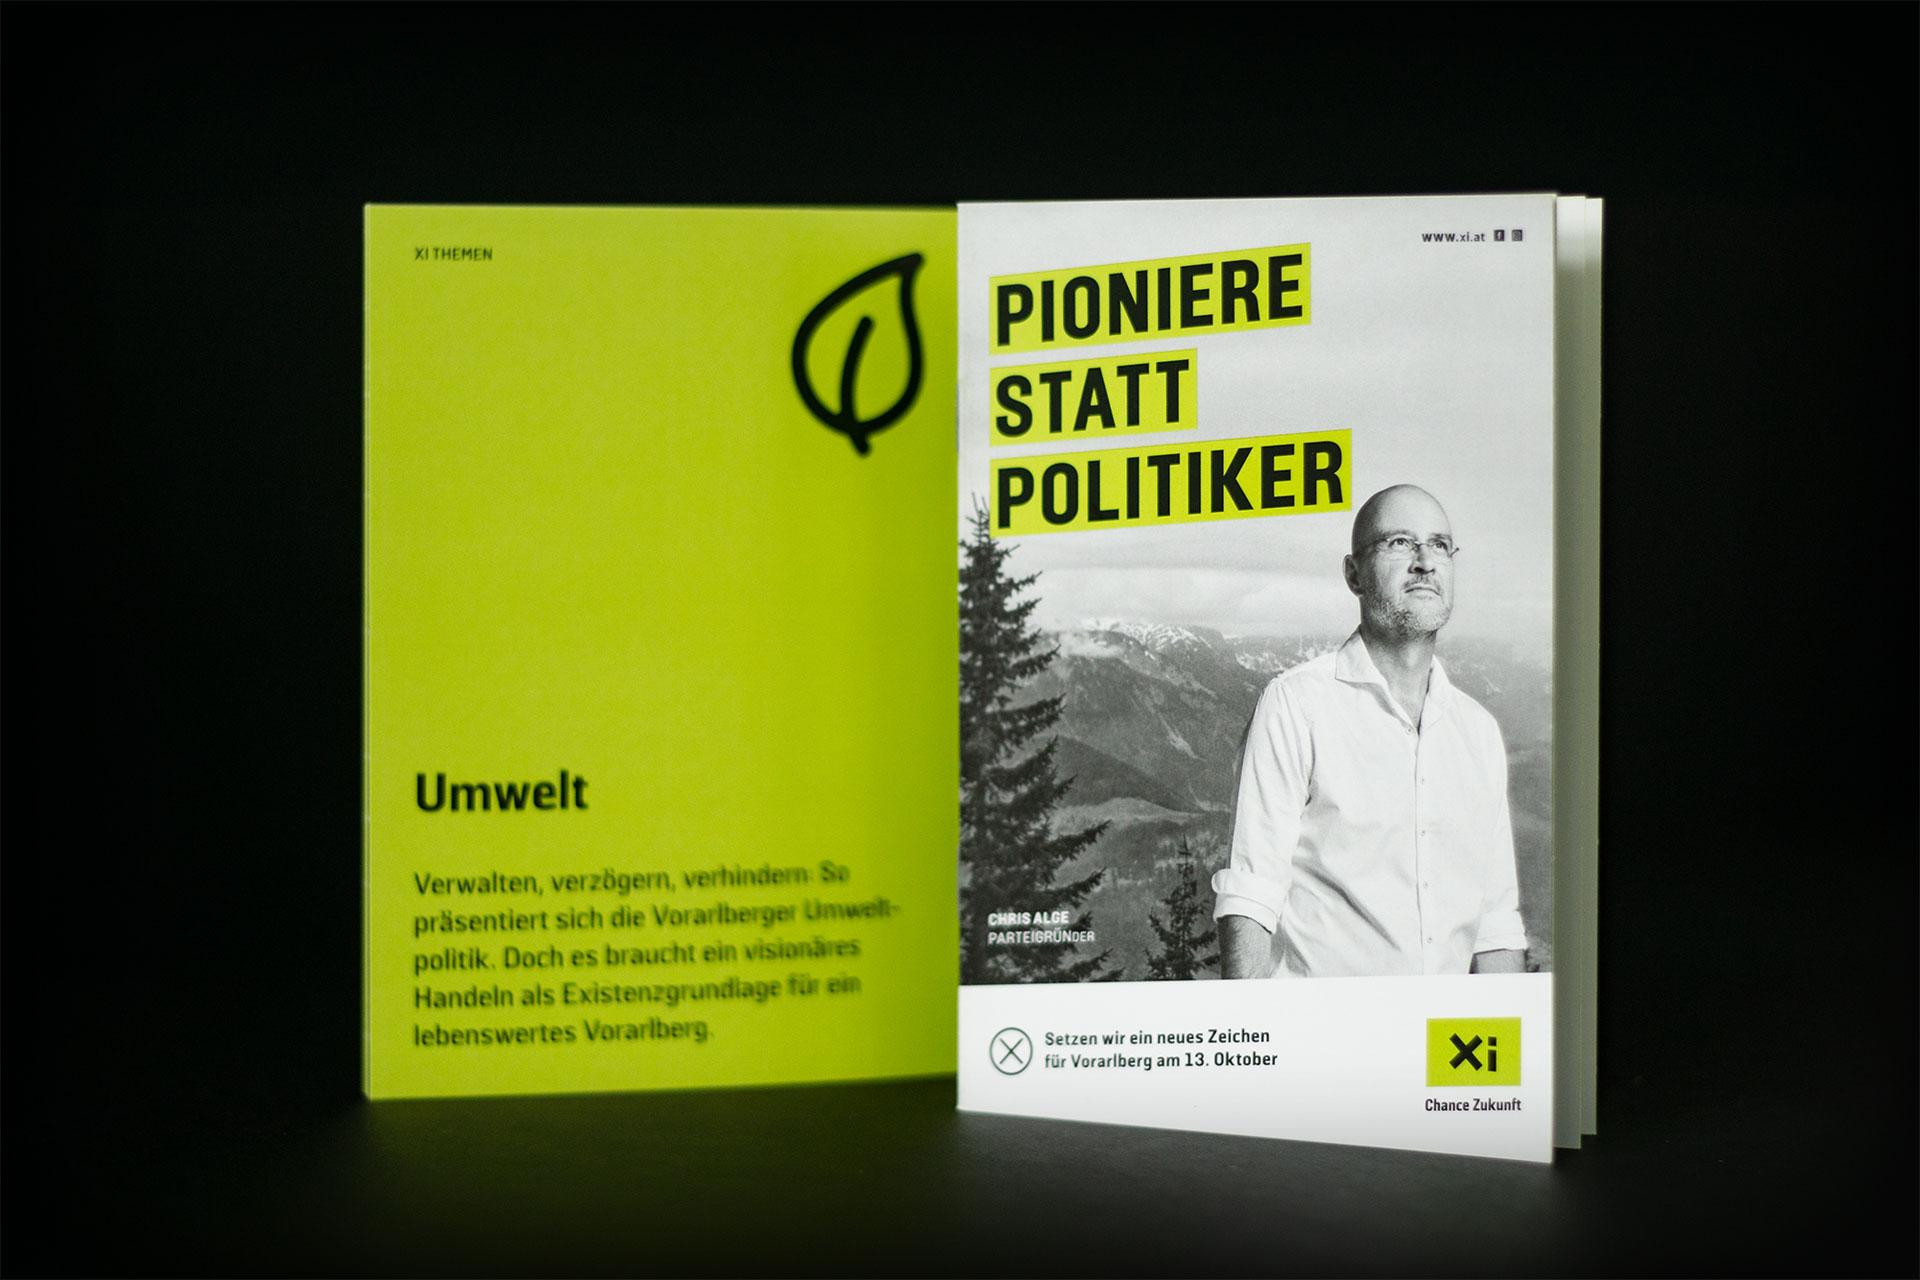 Broschüre der Partei Xi – Chance Zukunft – von Bernhard Hafele